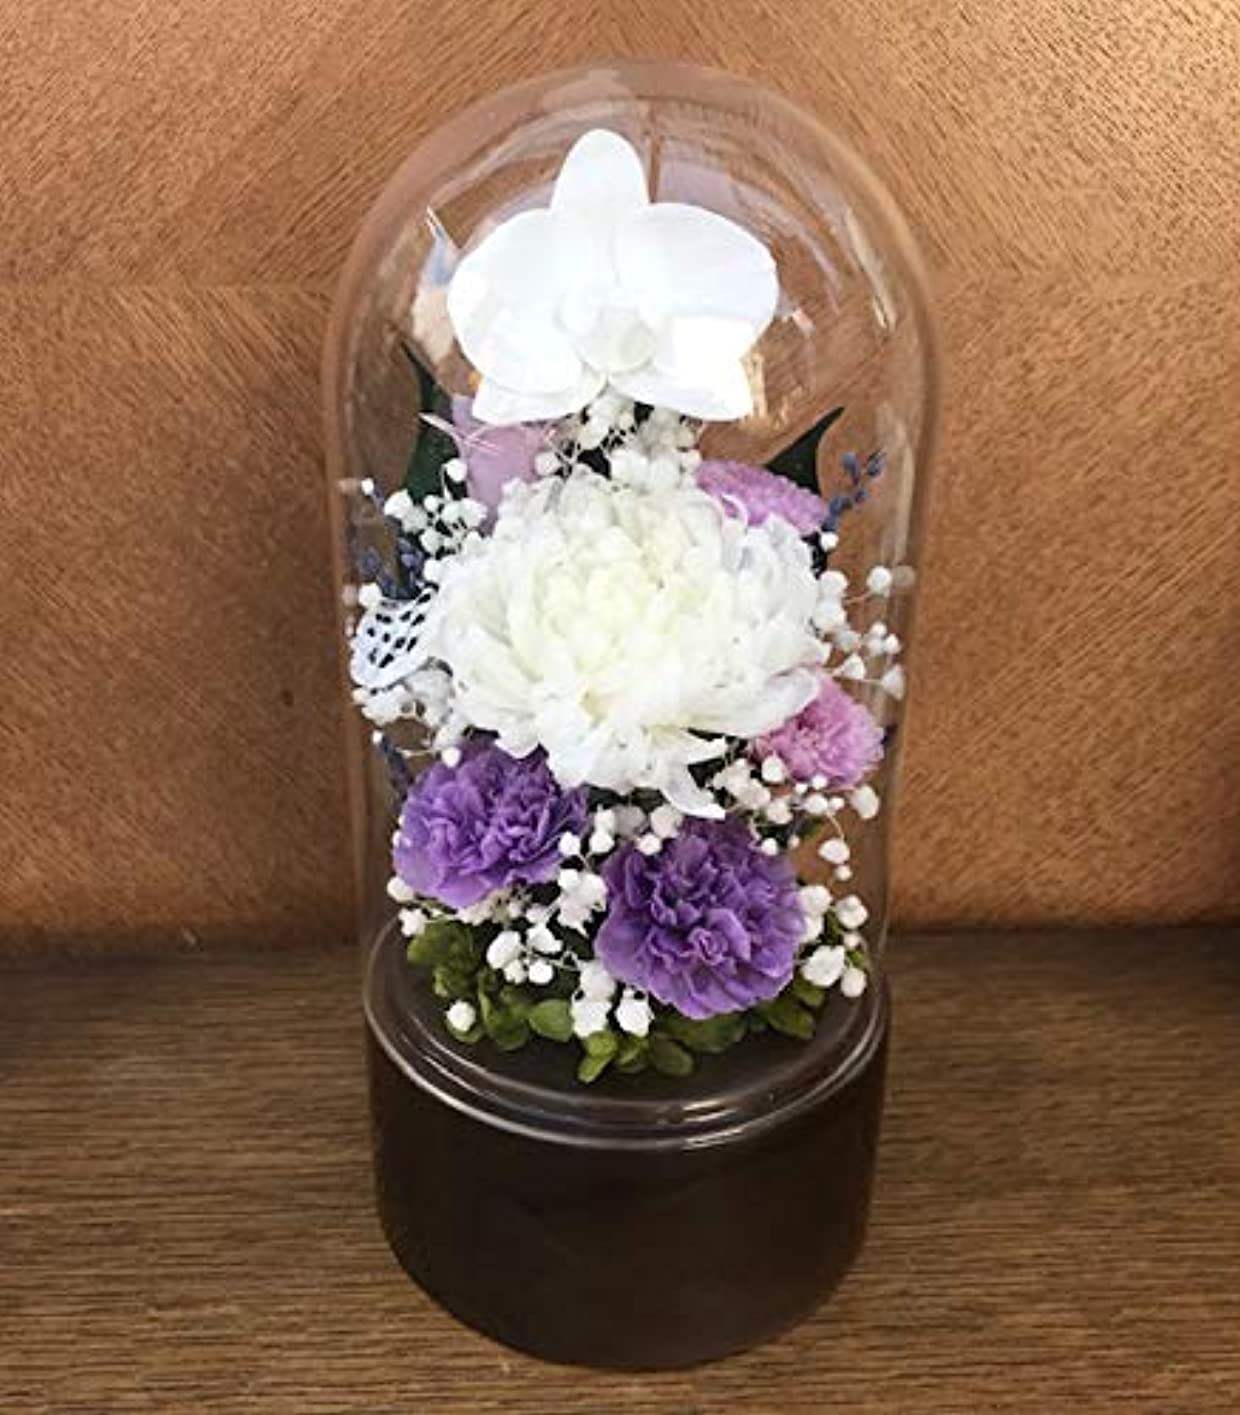 テレビホース三番仏花 Lサイズガラスドーム入 偲い 胡蝶蘭と輪菊淡藤色の小花アレンジ 咲き続け る生花 プリザーブドフラワー ギフト